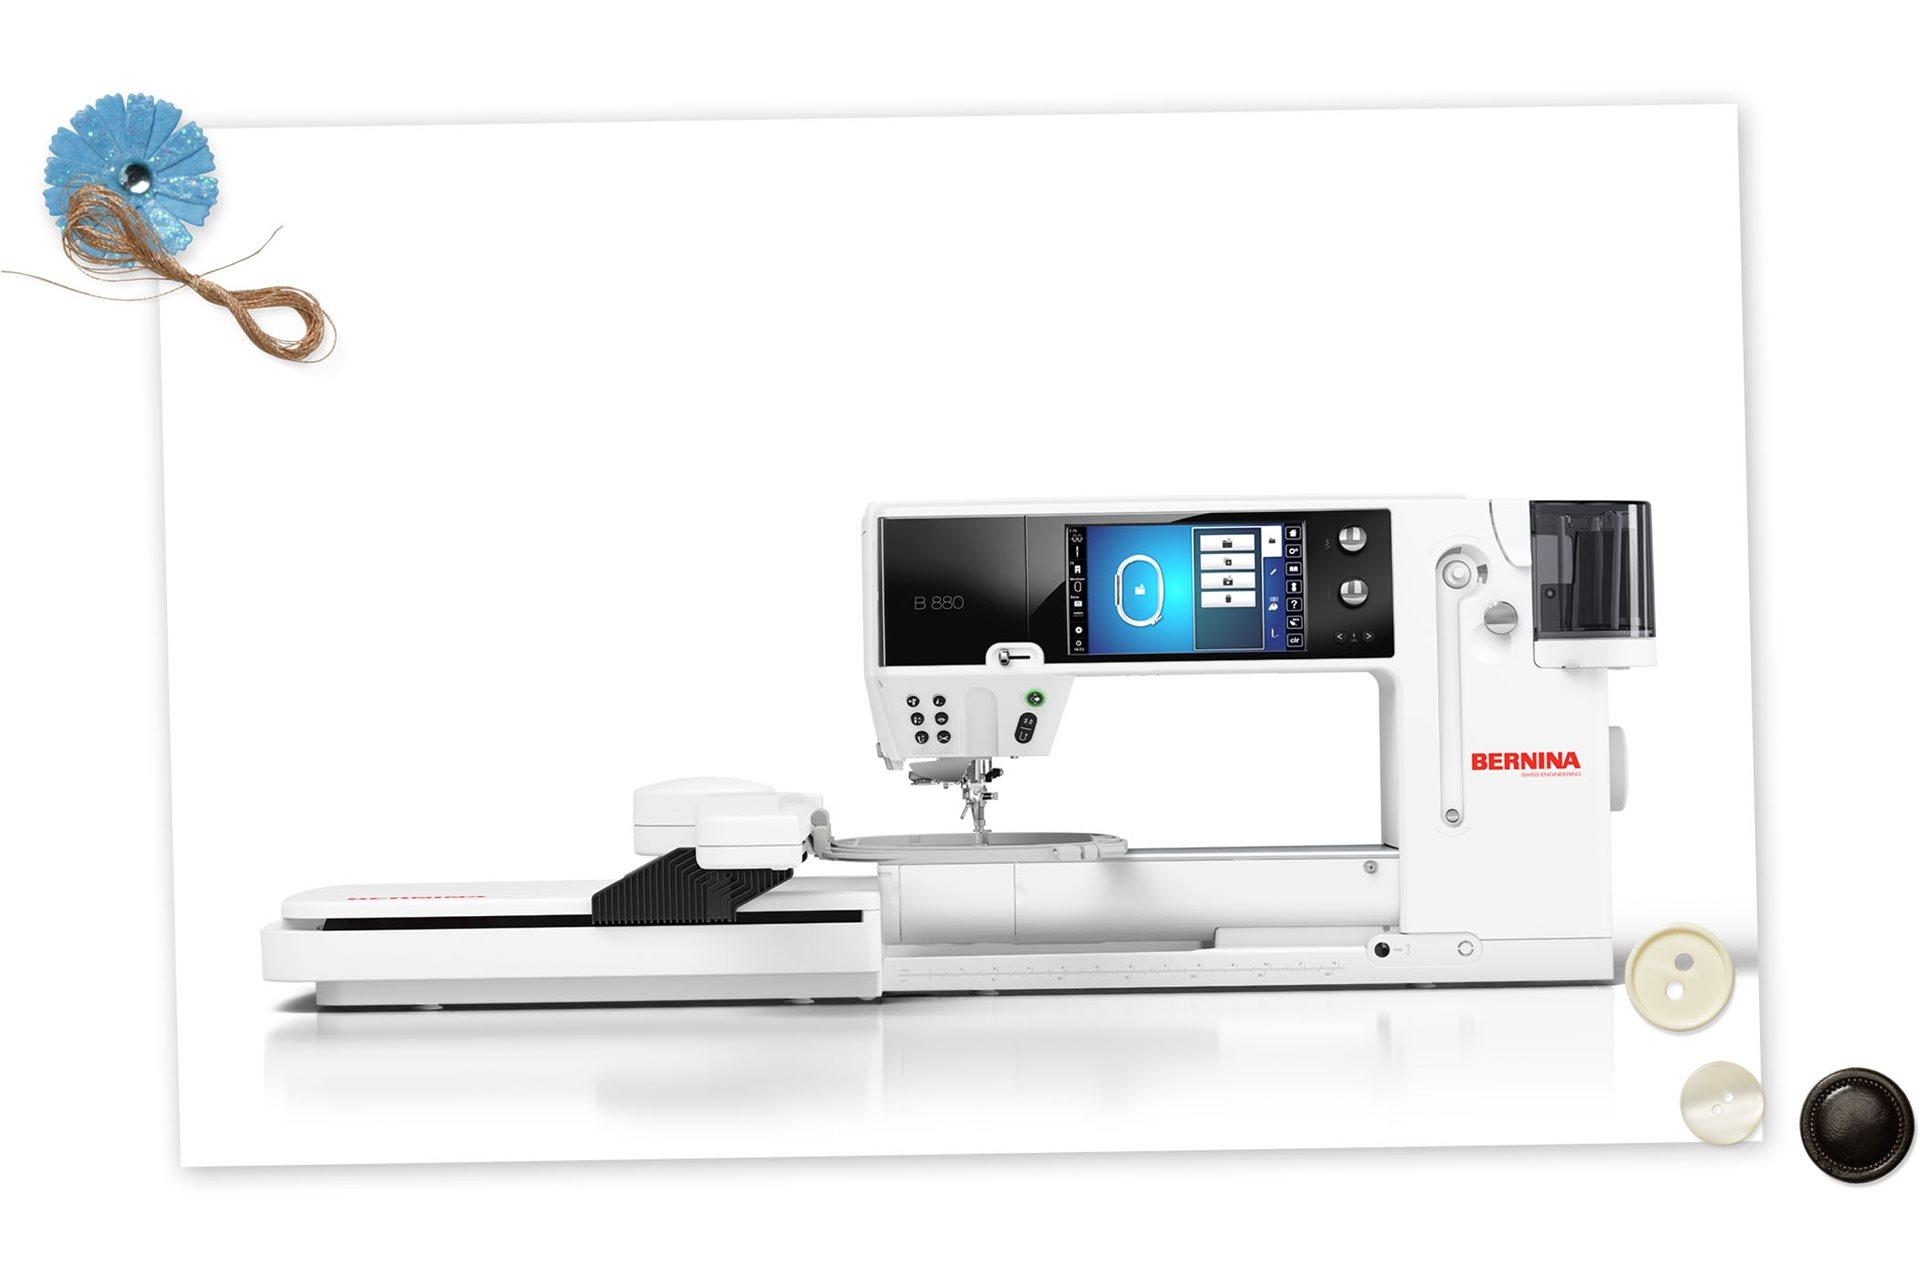 Maquina de coser y bordar Bernina 880 - www.jmartinezsl.com